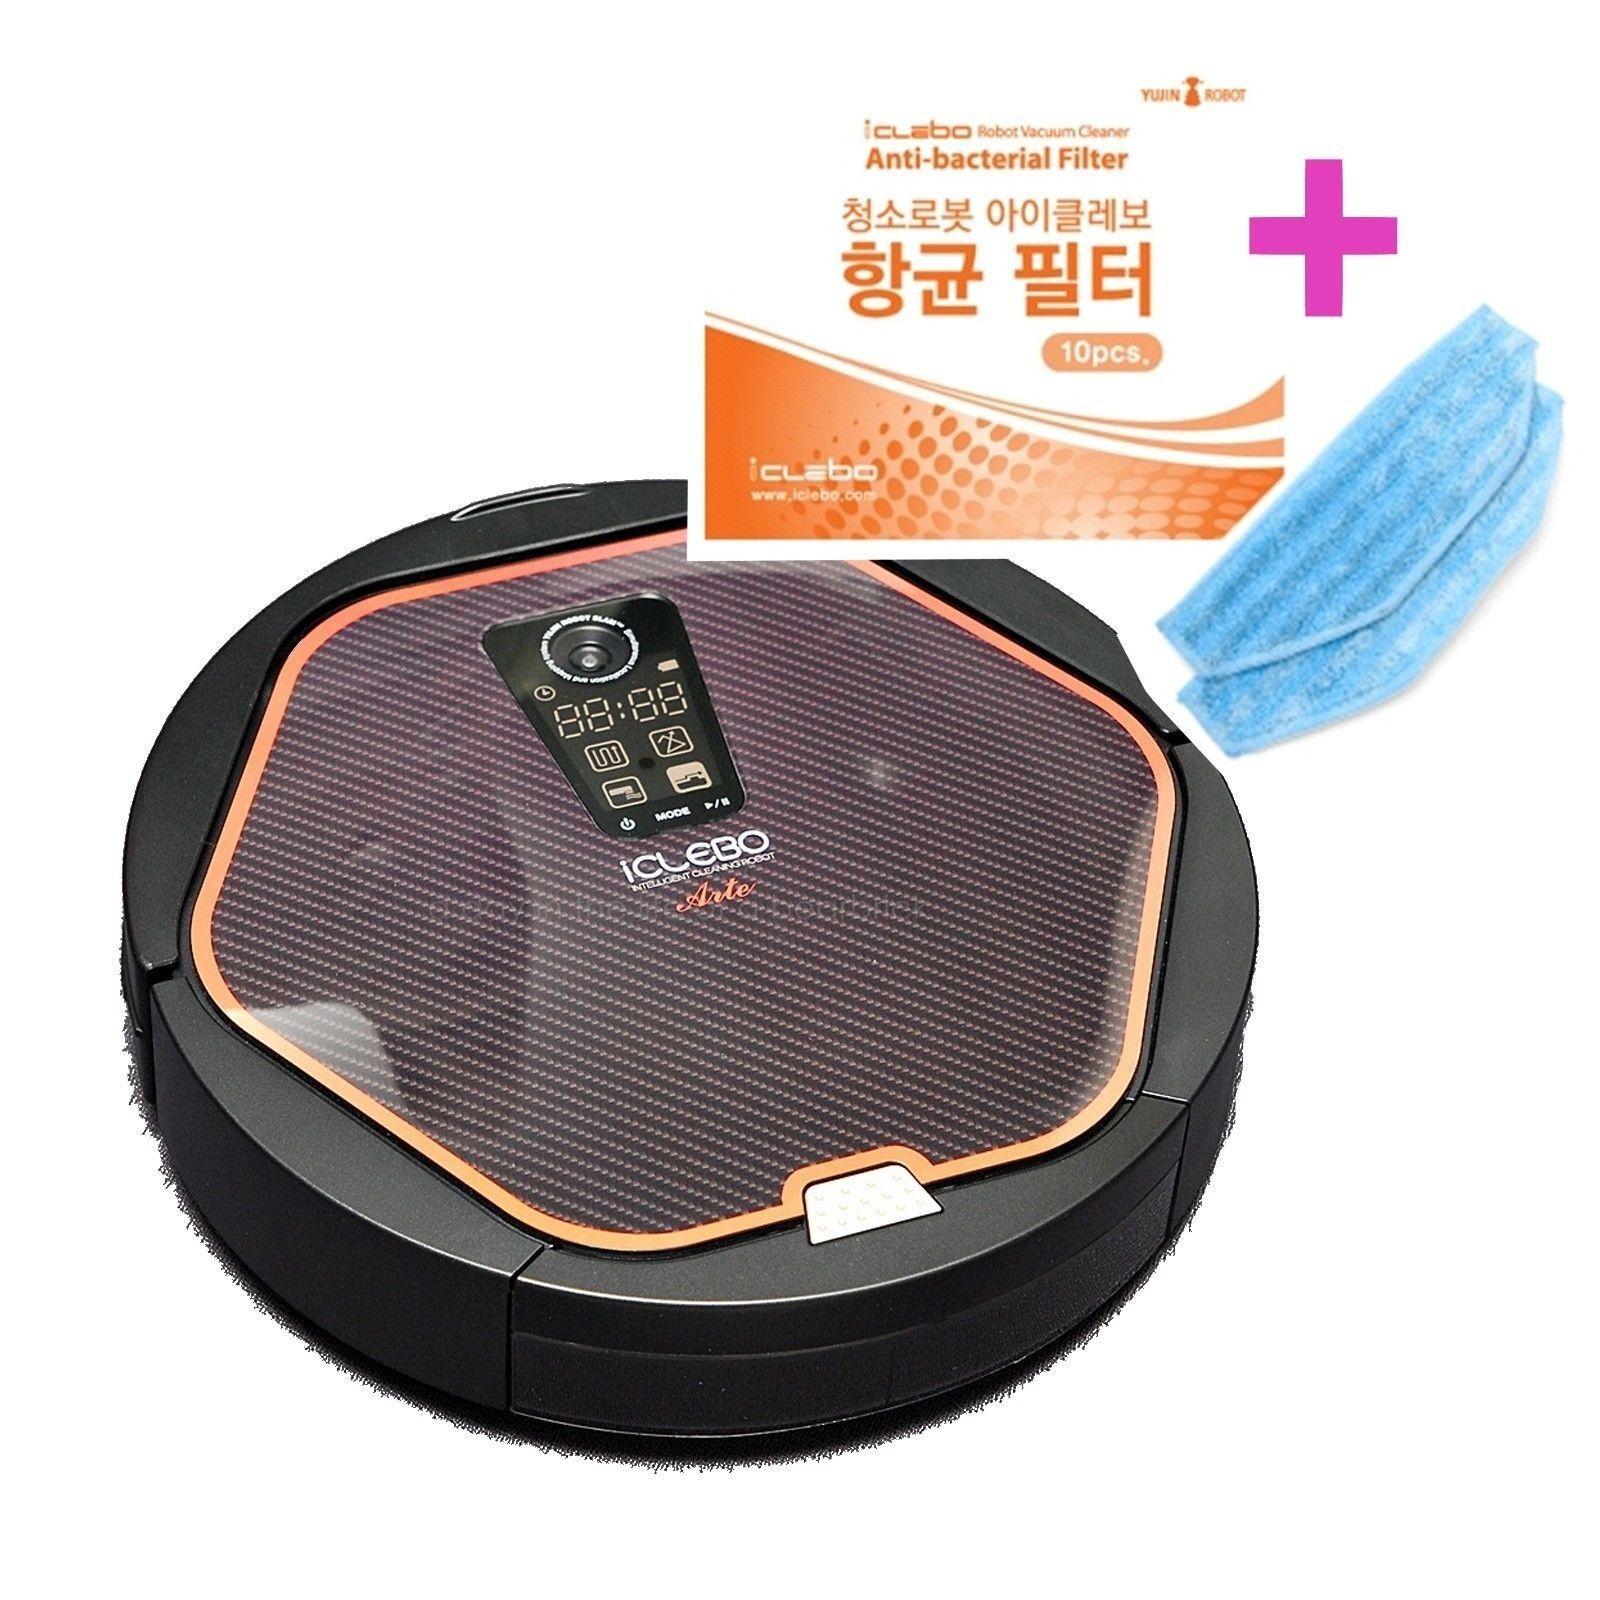 iCLEBO ARTE YCR-M05-10 HEPA Robotic Vacuum Cleaner Modern Black + Filter Mop Set